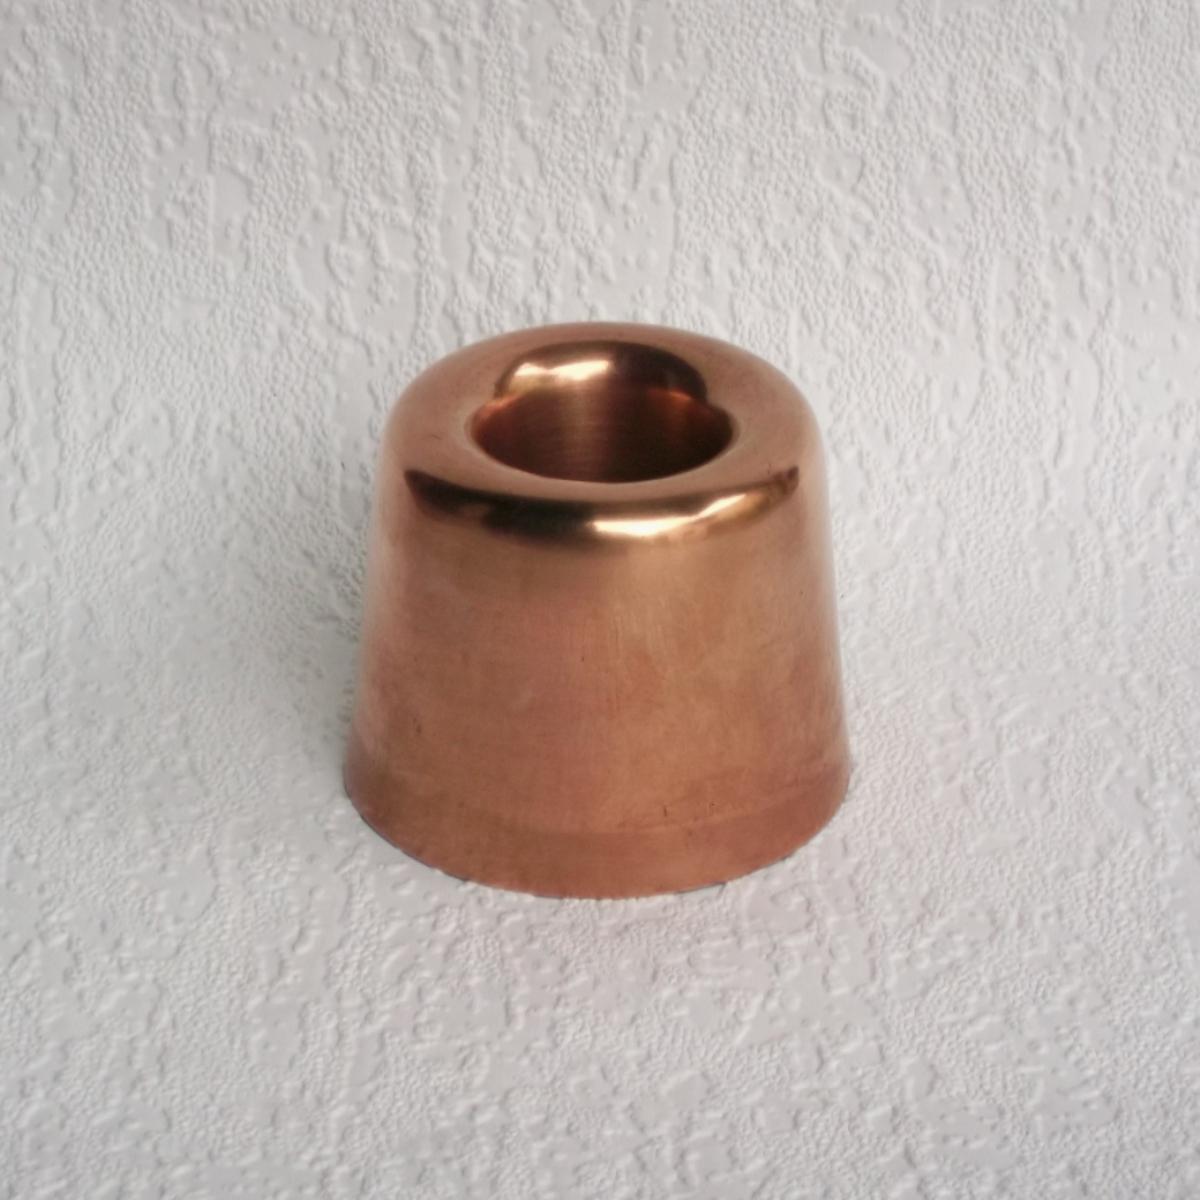 Moule a gateaux en cuivre 1a